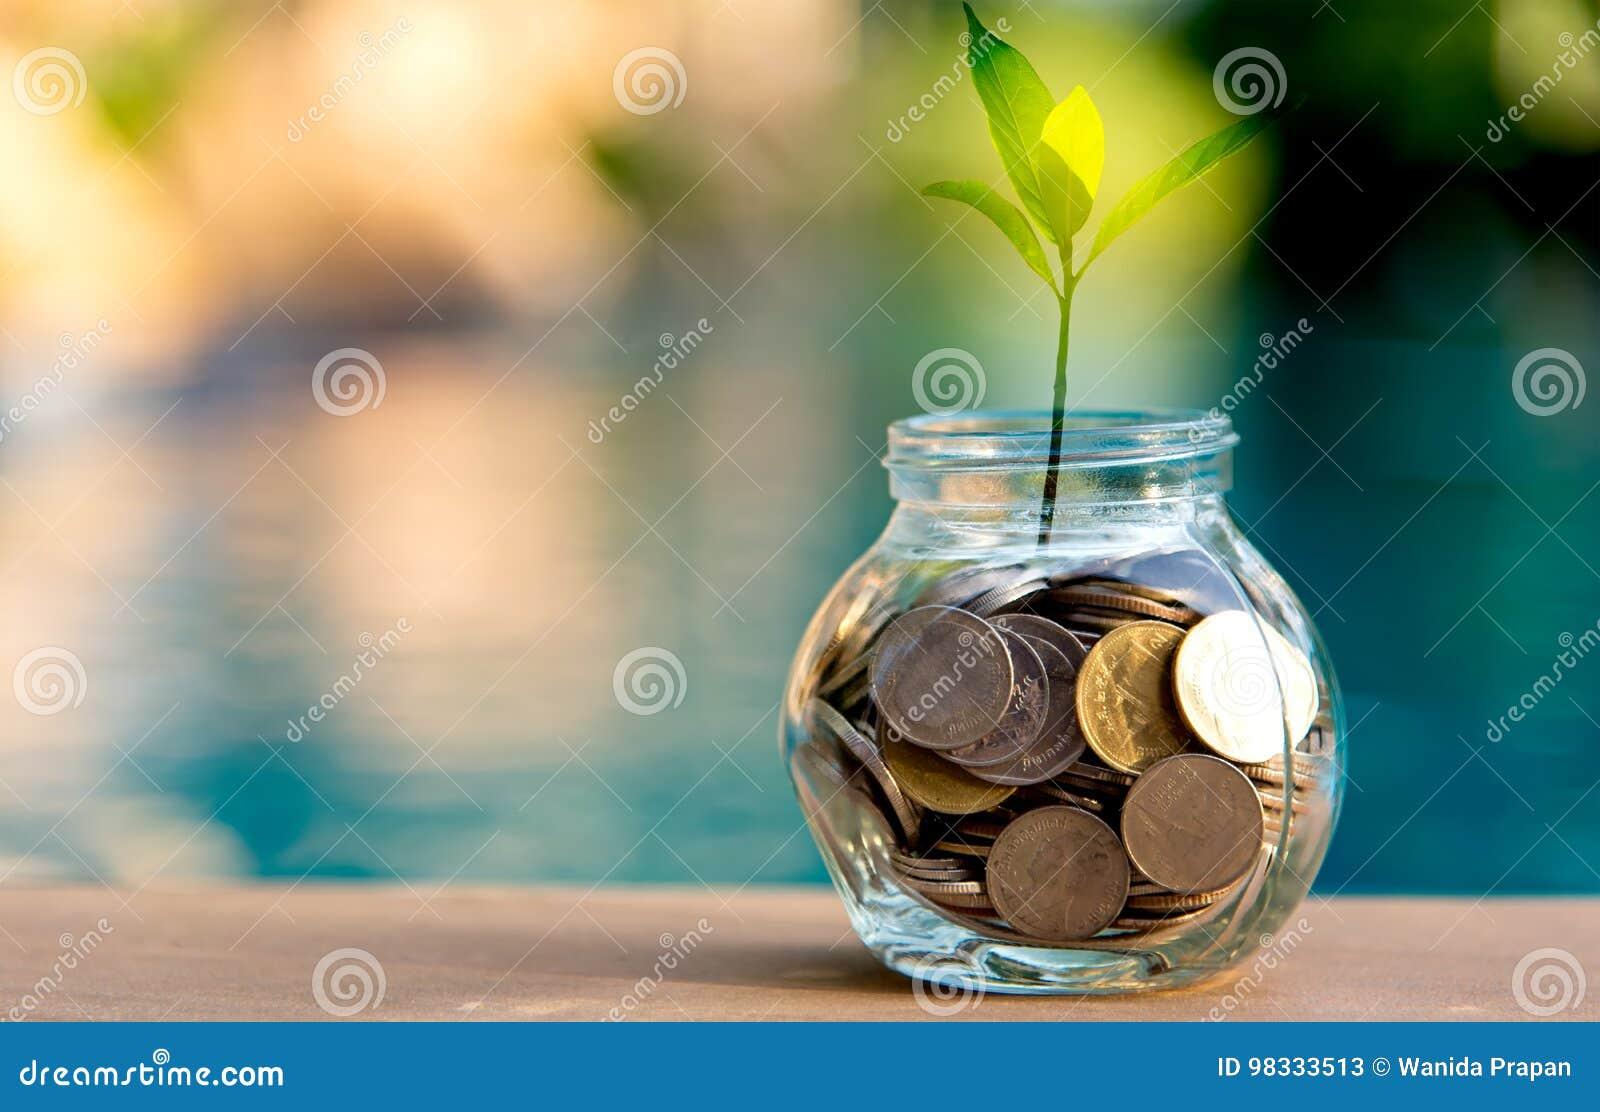 Moeda do dinheiro das economias completamente de leitão de vidro Planta que cresce em moedas das economias